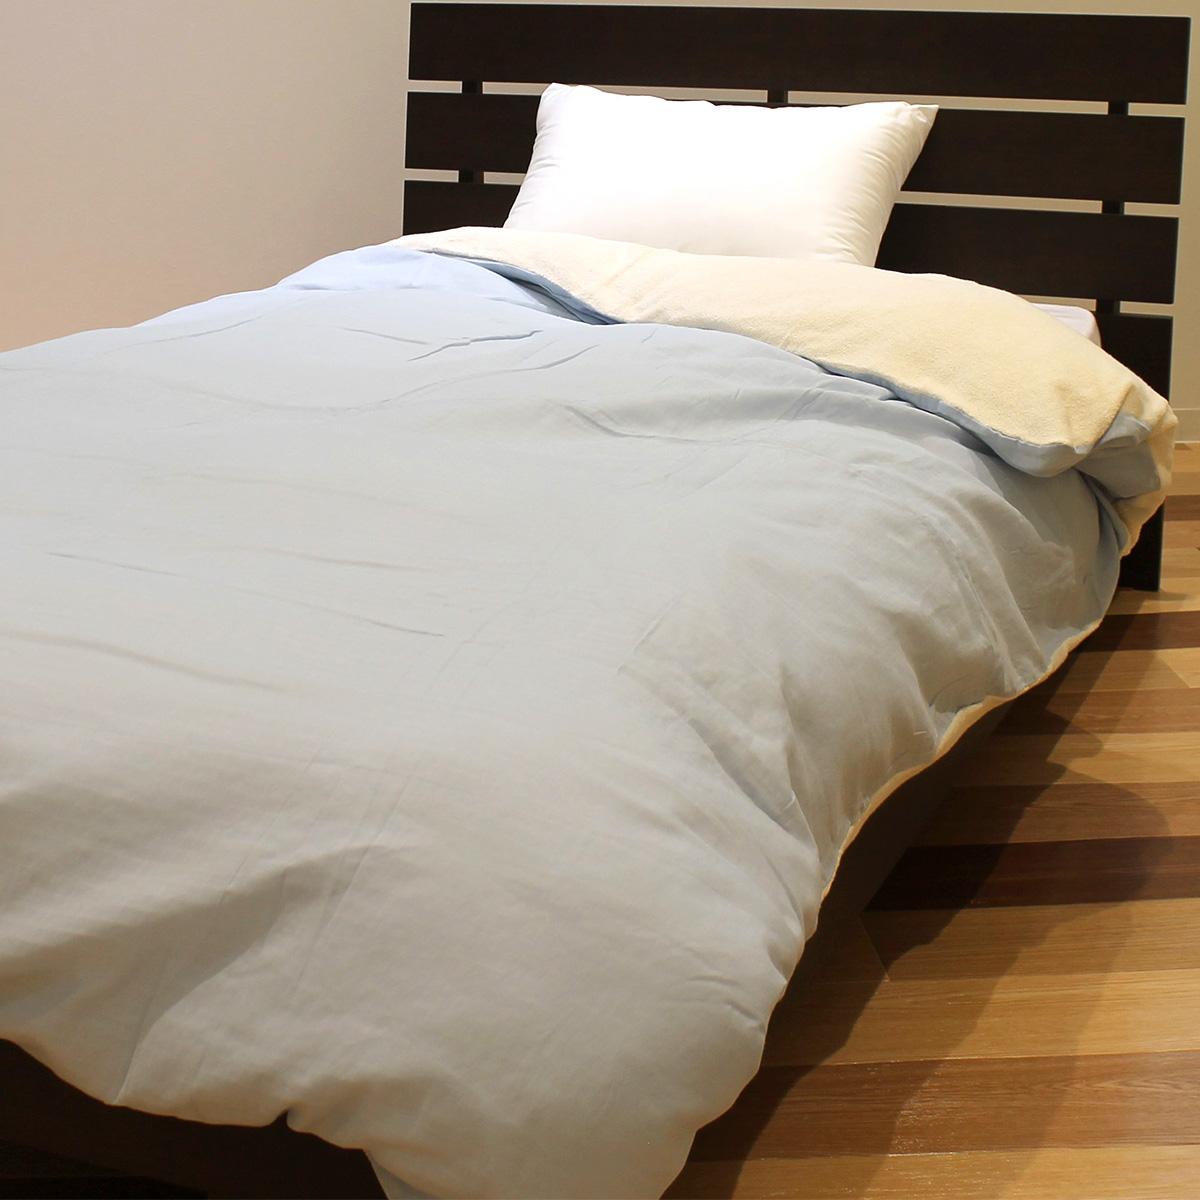 ルナール 寝具で人々の健康と笑顔を 快適な睡眠 今治タオル 掛布団カバー〔シングル150×210cm〕